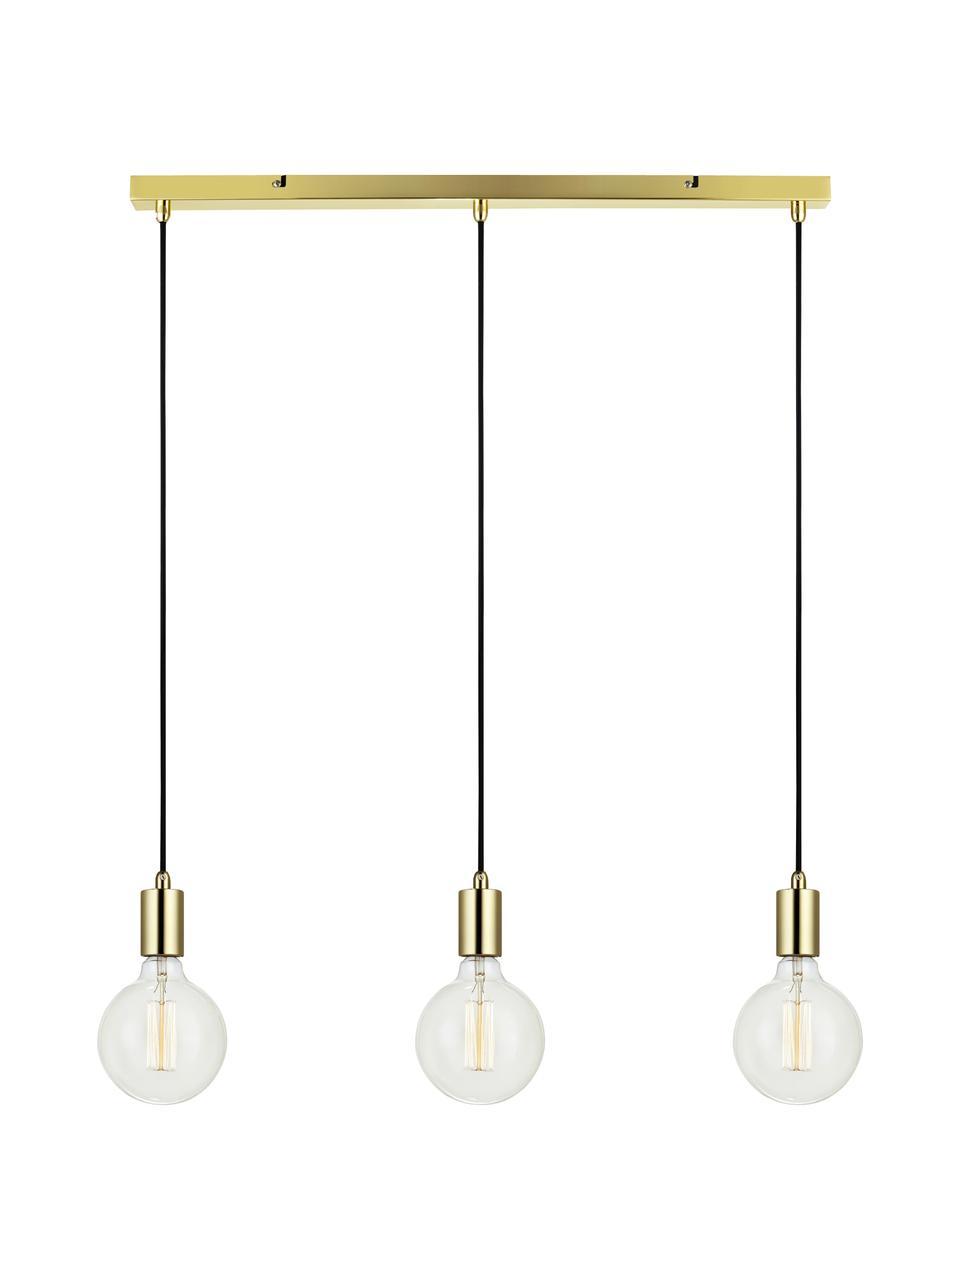 Lampada a sospensione in ottone Sky, Baldacchino: metallo ottonato, Dorato, nero, Larg. 68 x Alt. 145 cm